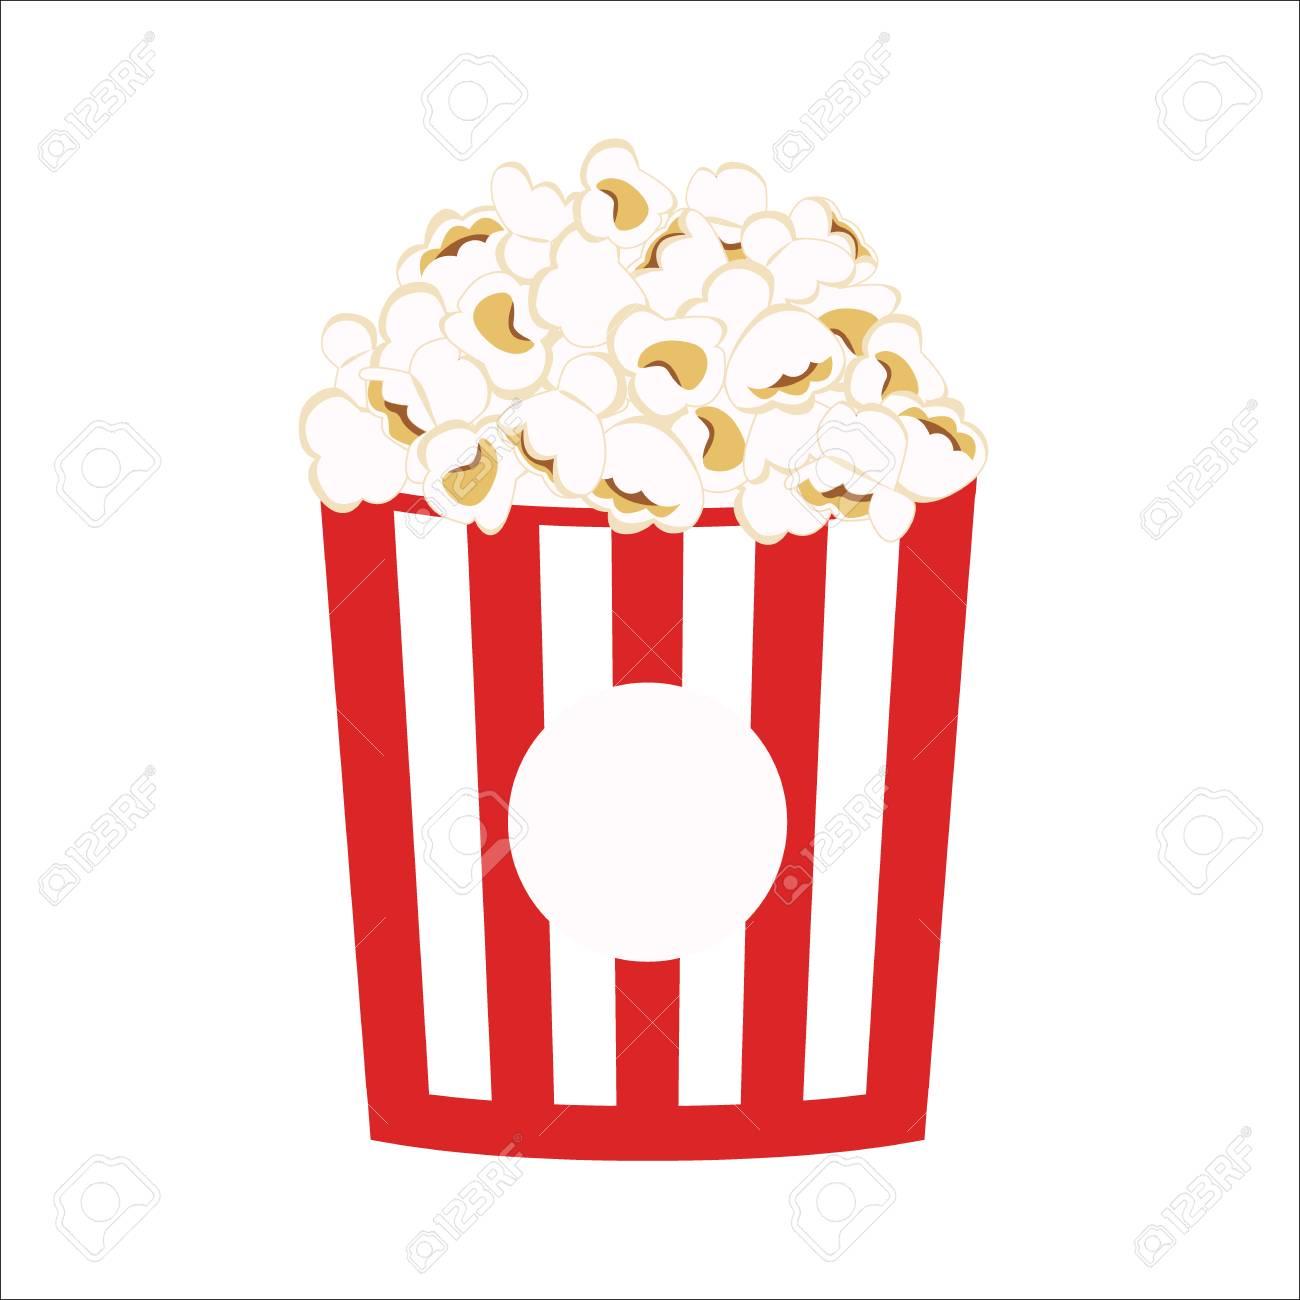 Popcorn clipart vector icon. Pop corn cartoon..